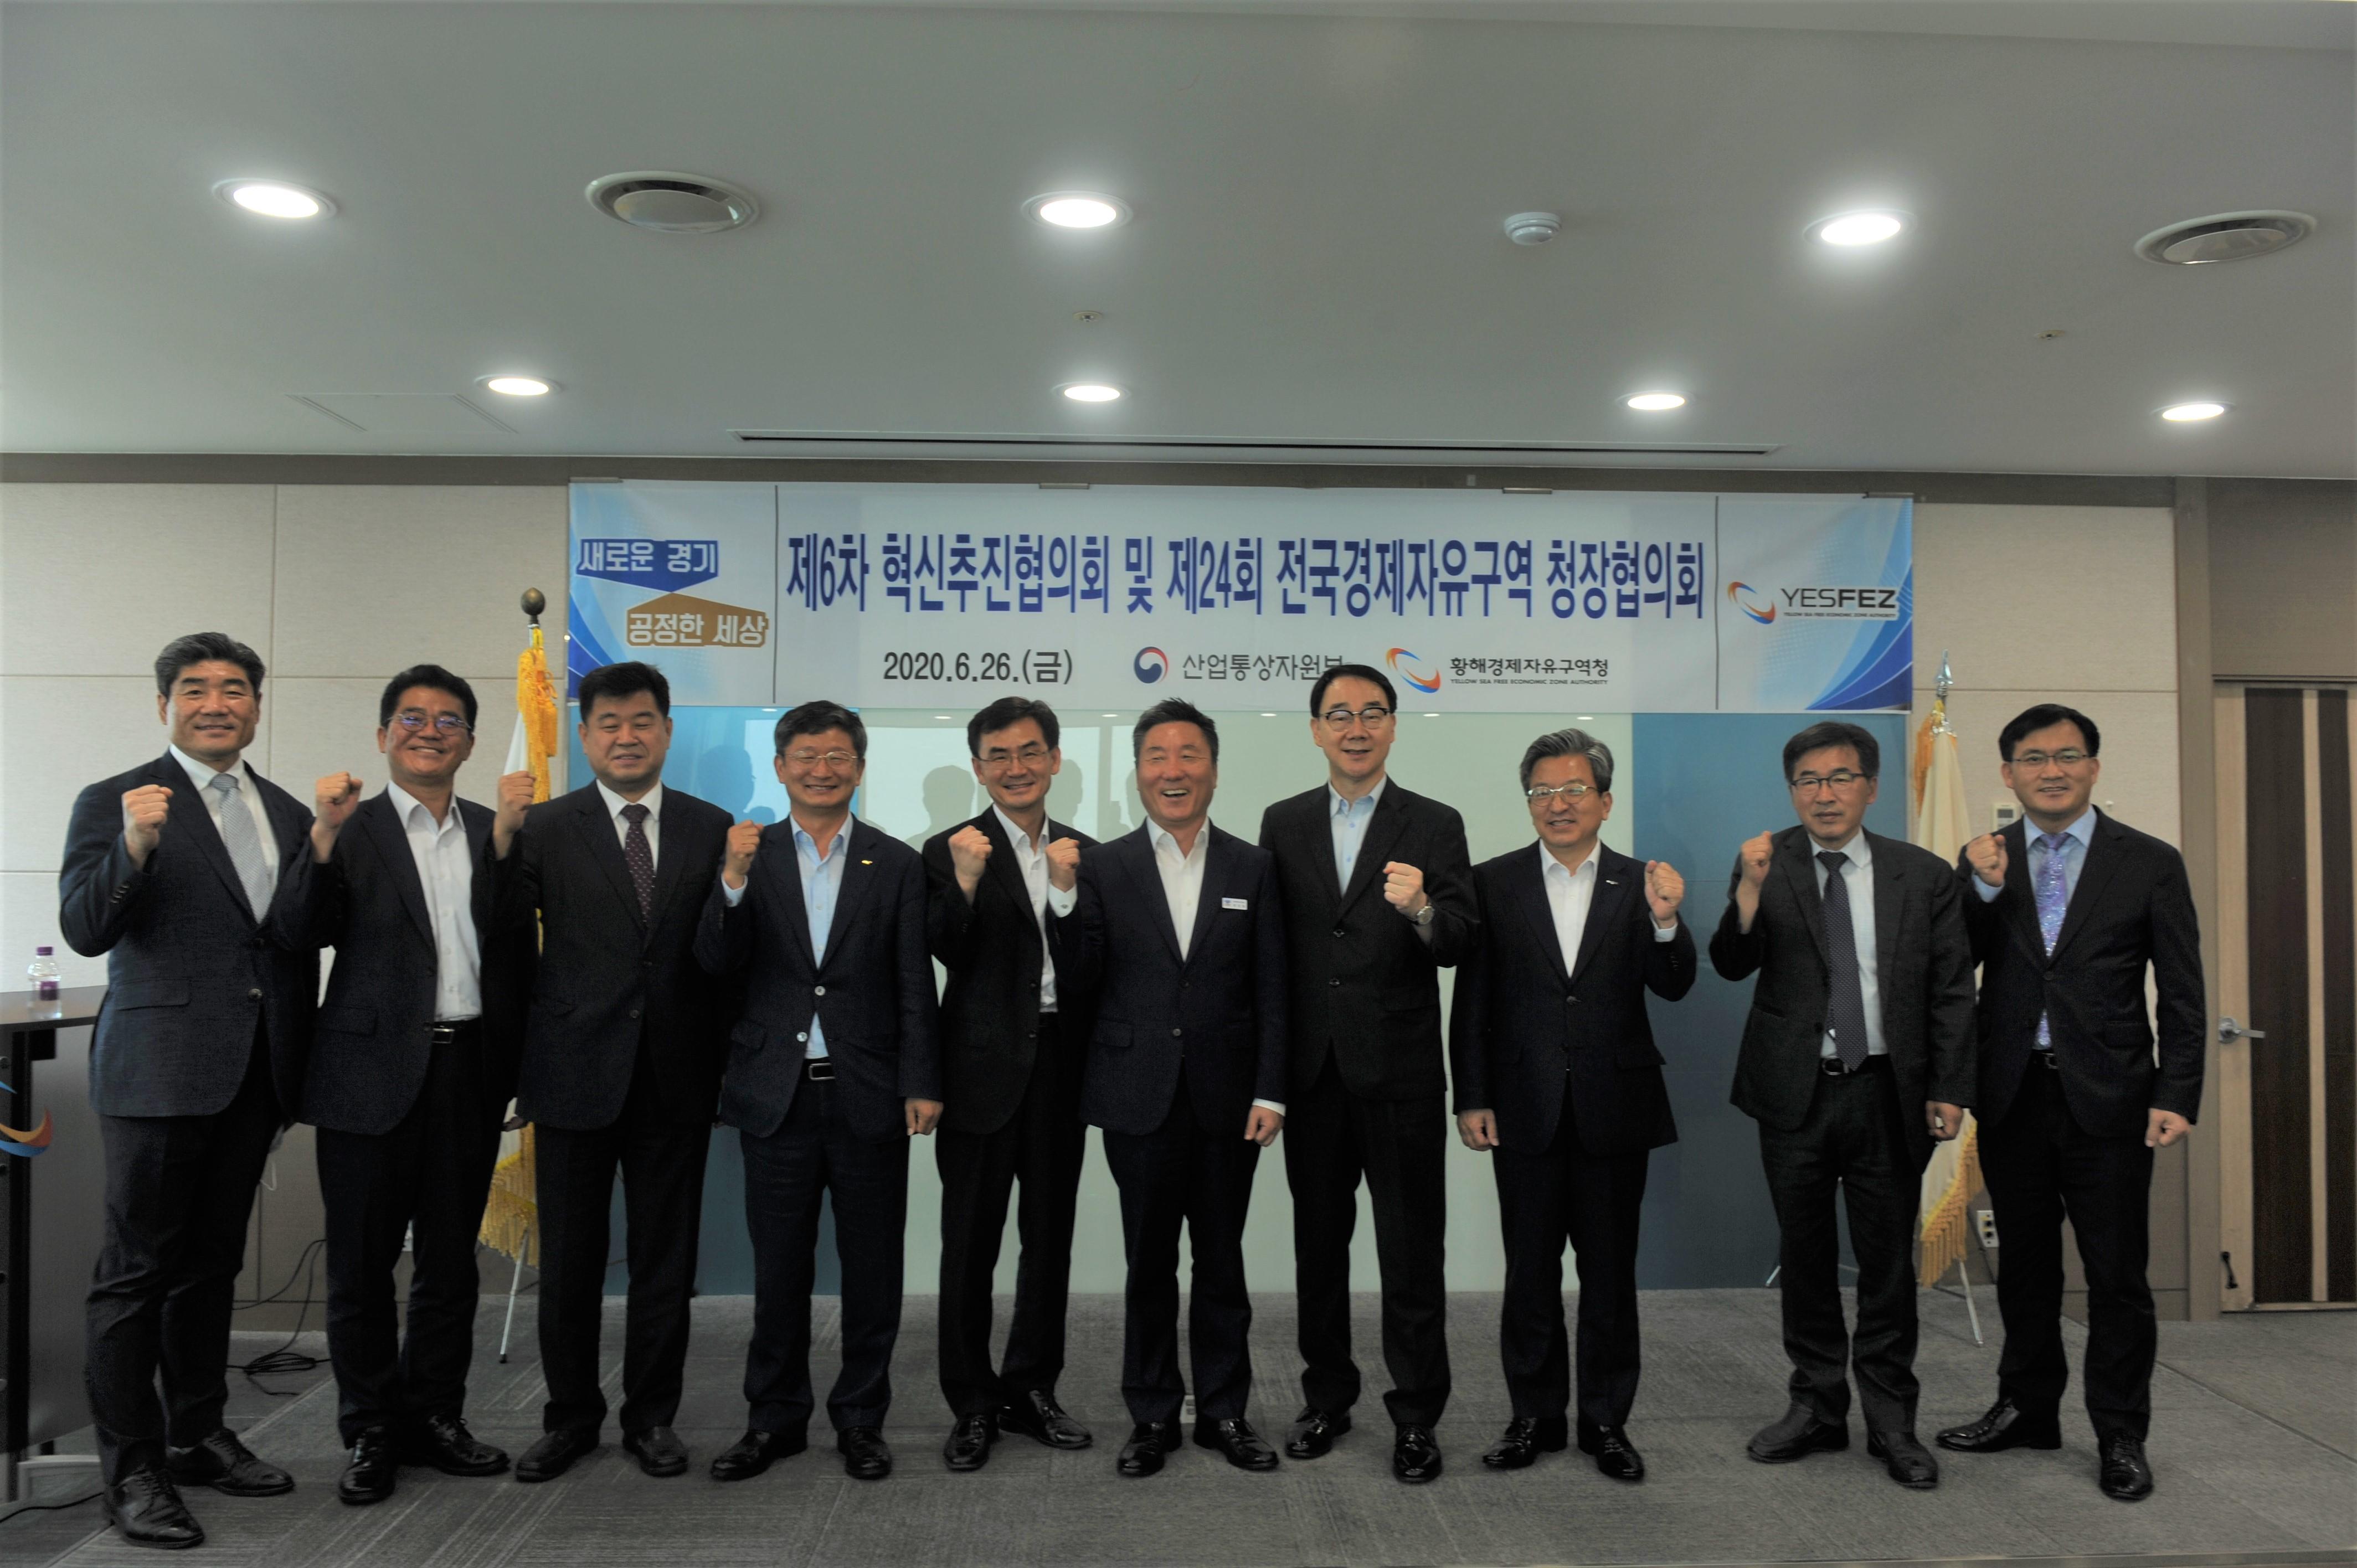 전국경제자유구역청장 협의회